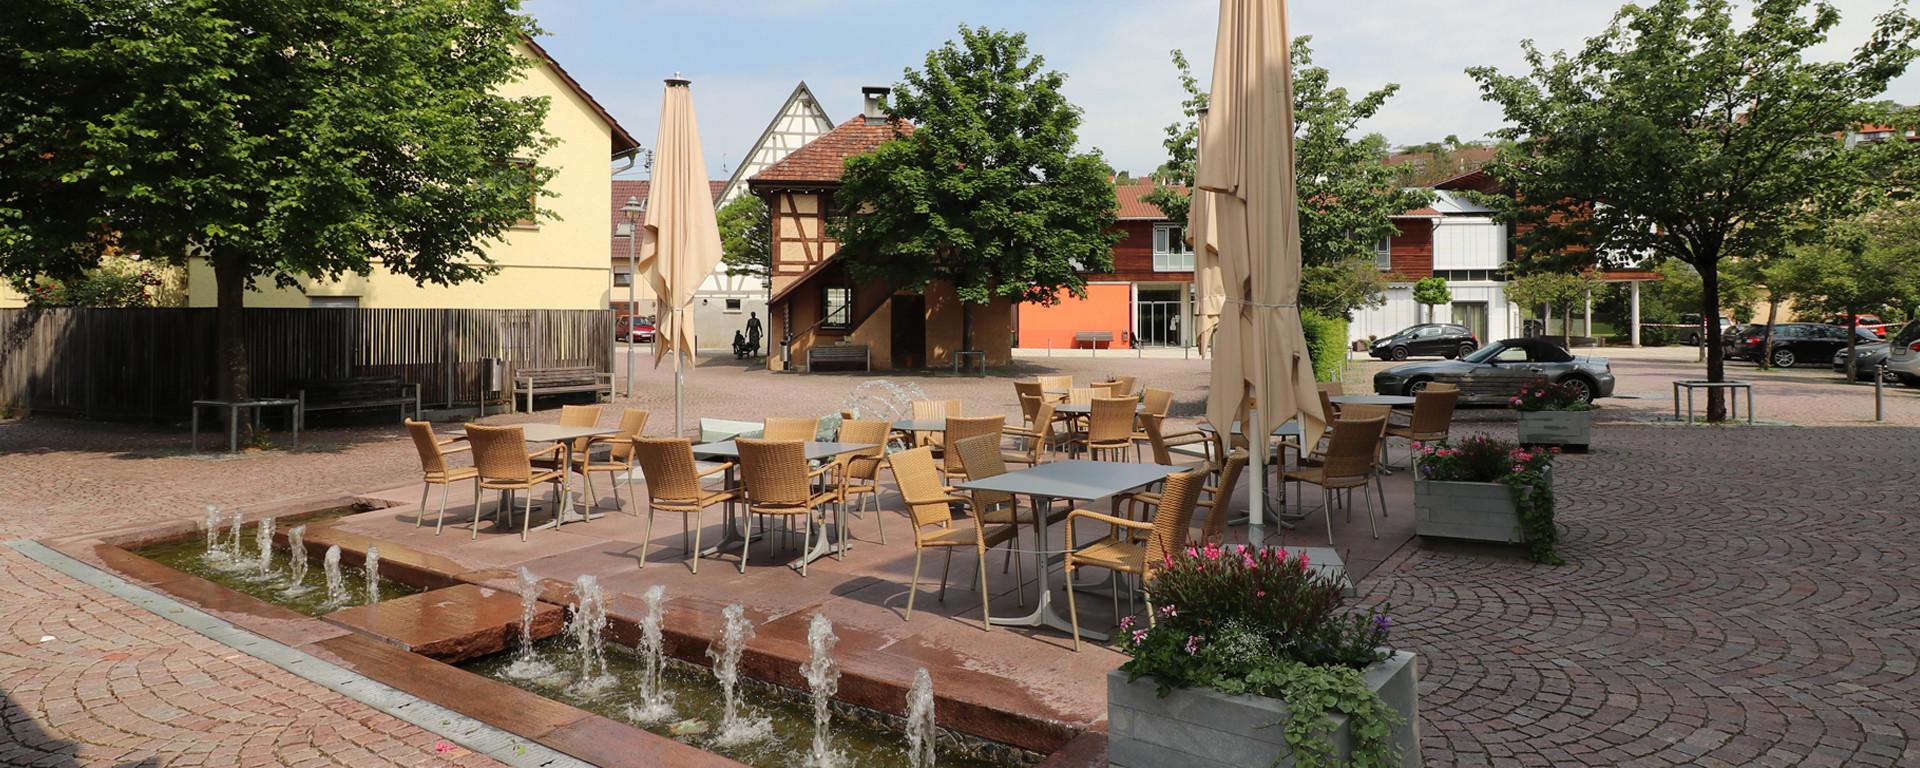 Terrasse - und Biergarten auf dem Weissacher Marktplatz laden zum Verweilen ein: Kaffee und feiner Kuchen, ein kühles Feierabend-Bier oder lassen Sie den Tag bis in die lauwarme Nacht hinein hier ausklingen.